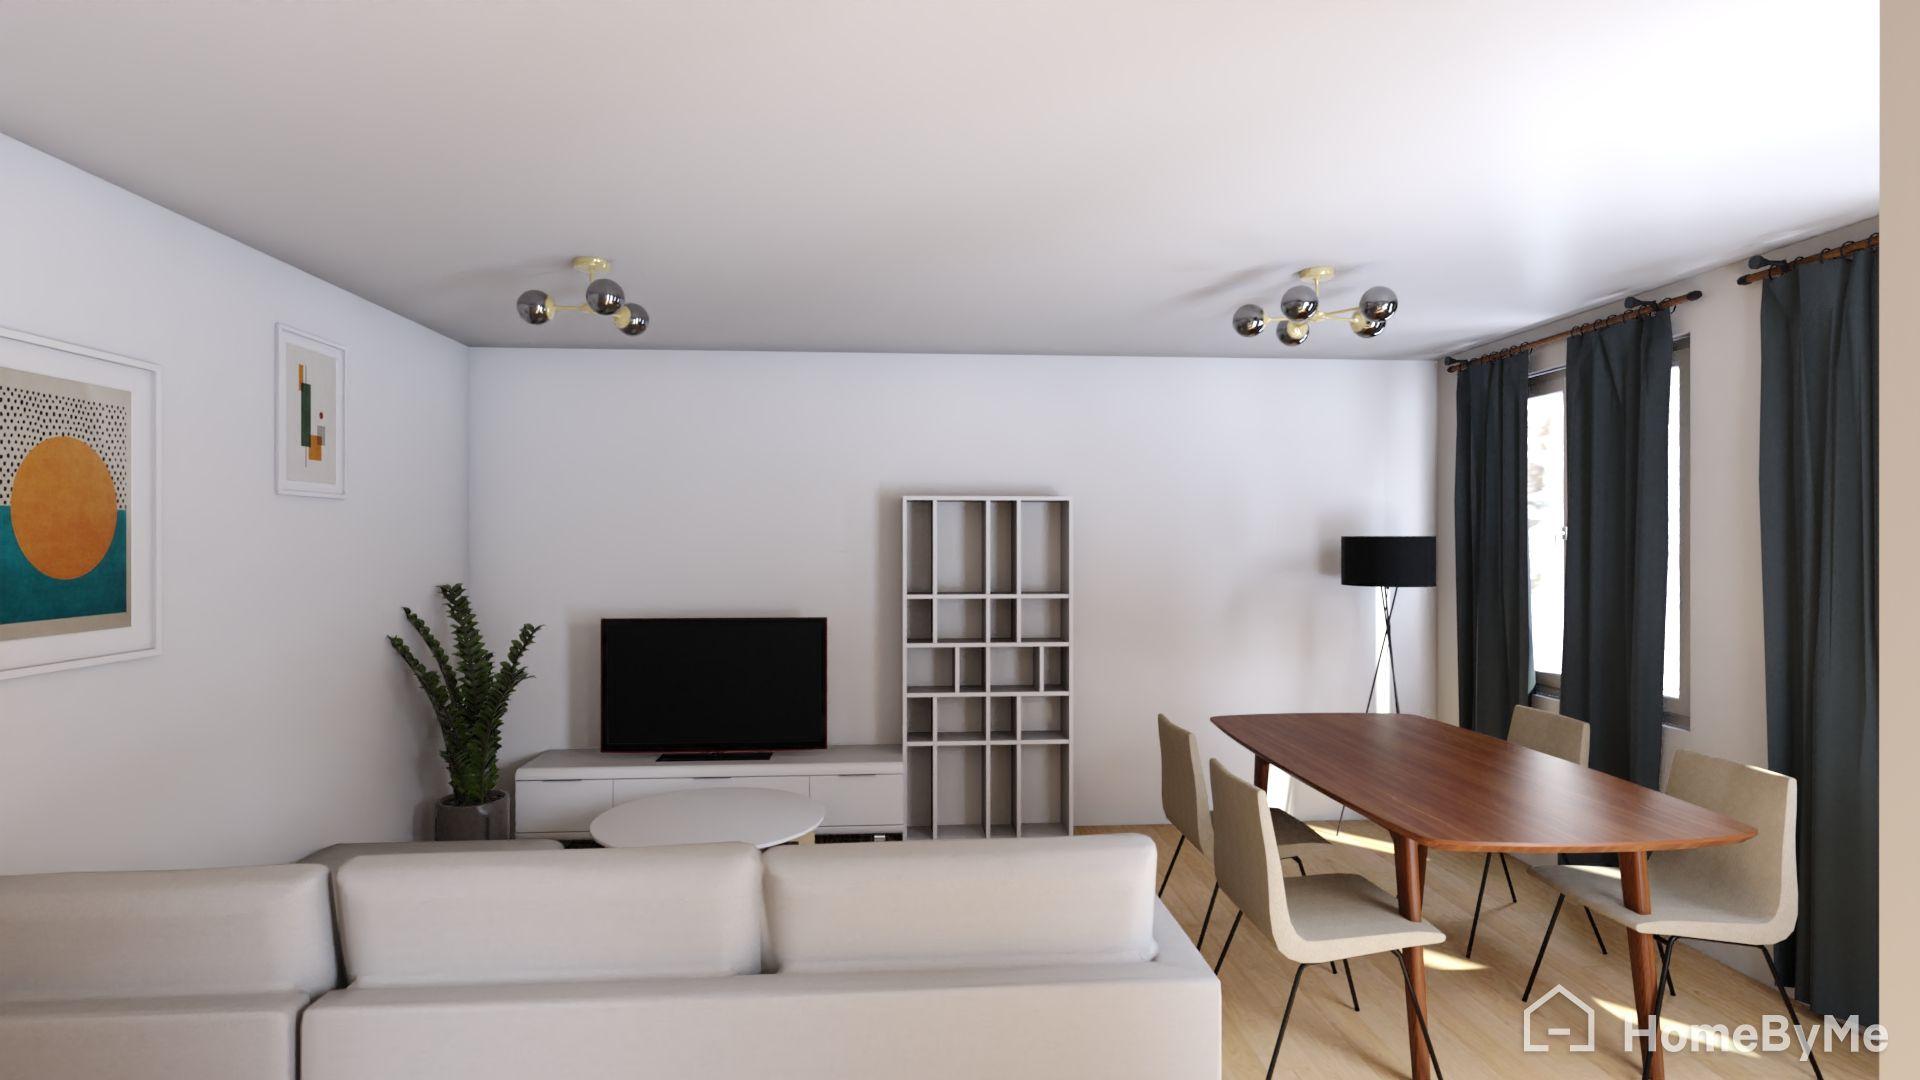 Náš nový byt v novostavbě - no,  nic moc